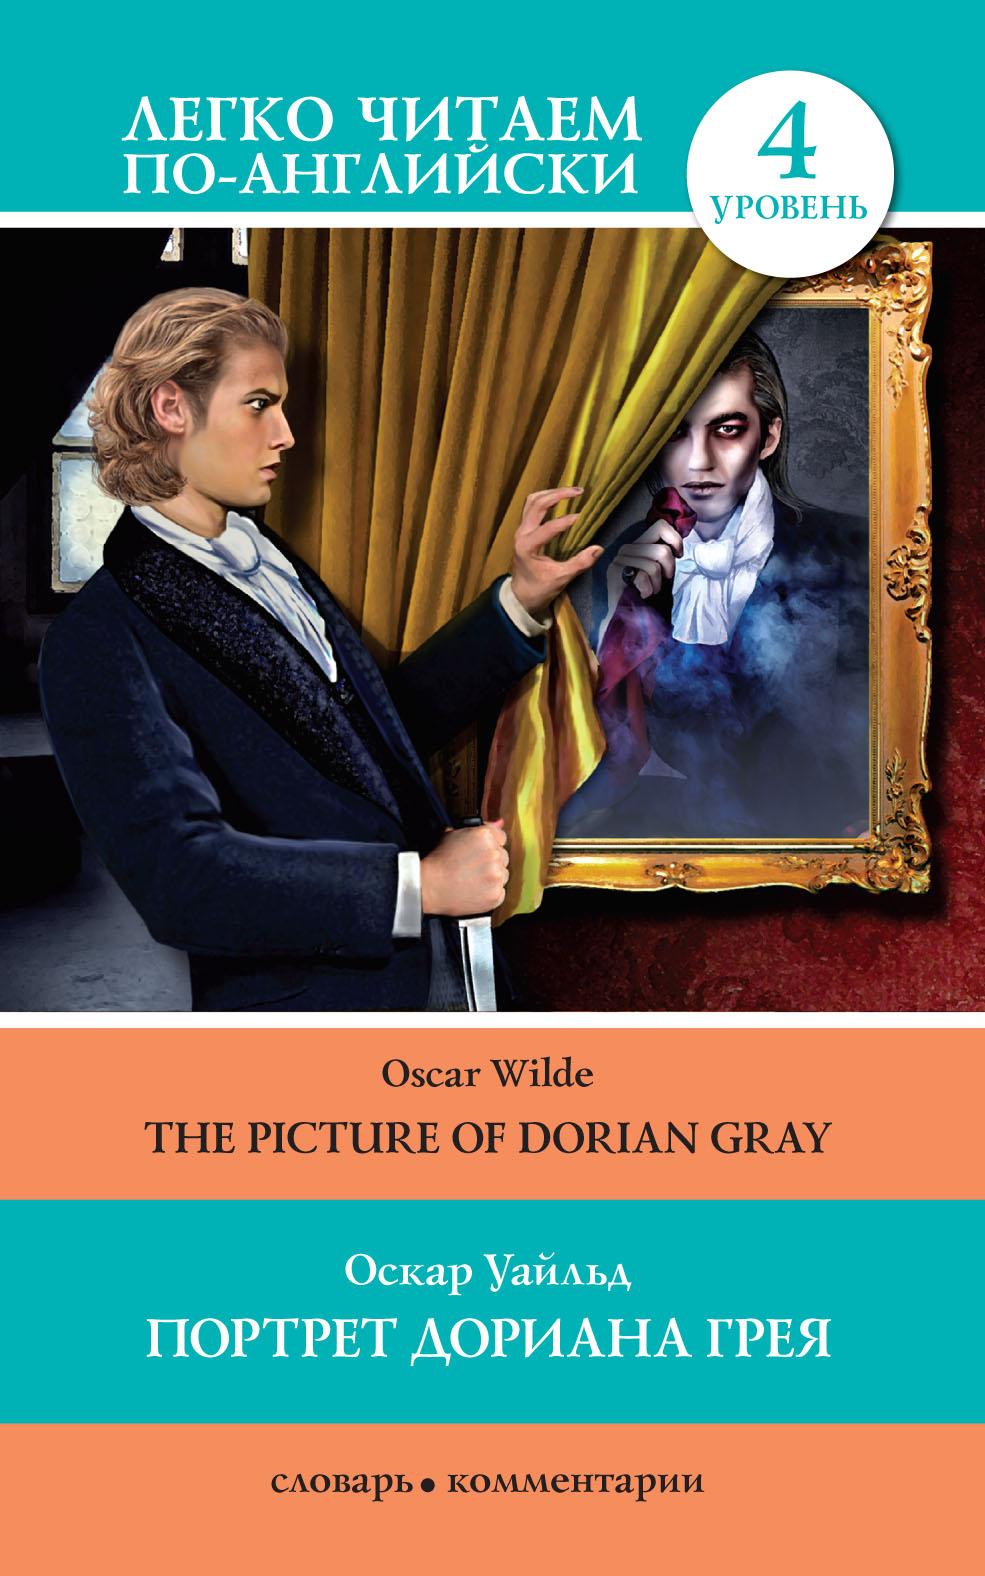 Оскар Уайльд Портрет Дориана Грея / The Picture of Dorian Gray оскар уайльд портрет дориана грея the picture of dorian gray компакт диск mp3 3 й уровень